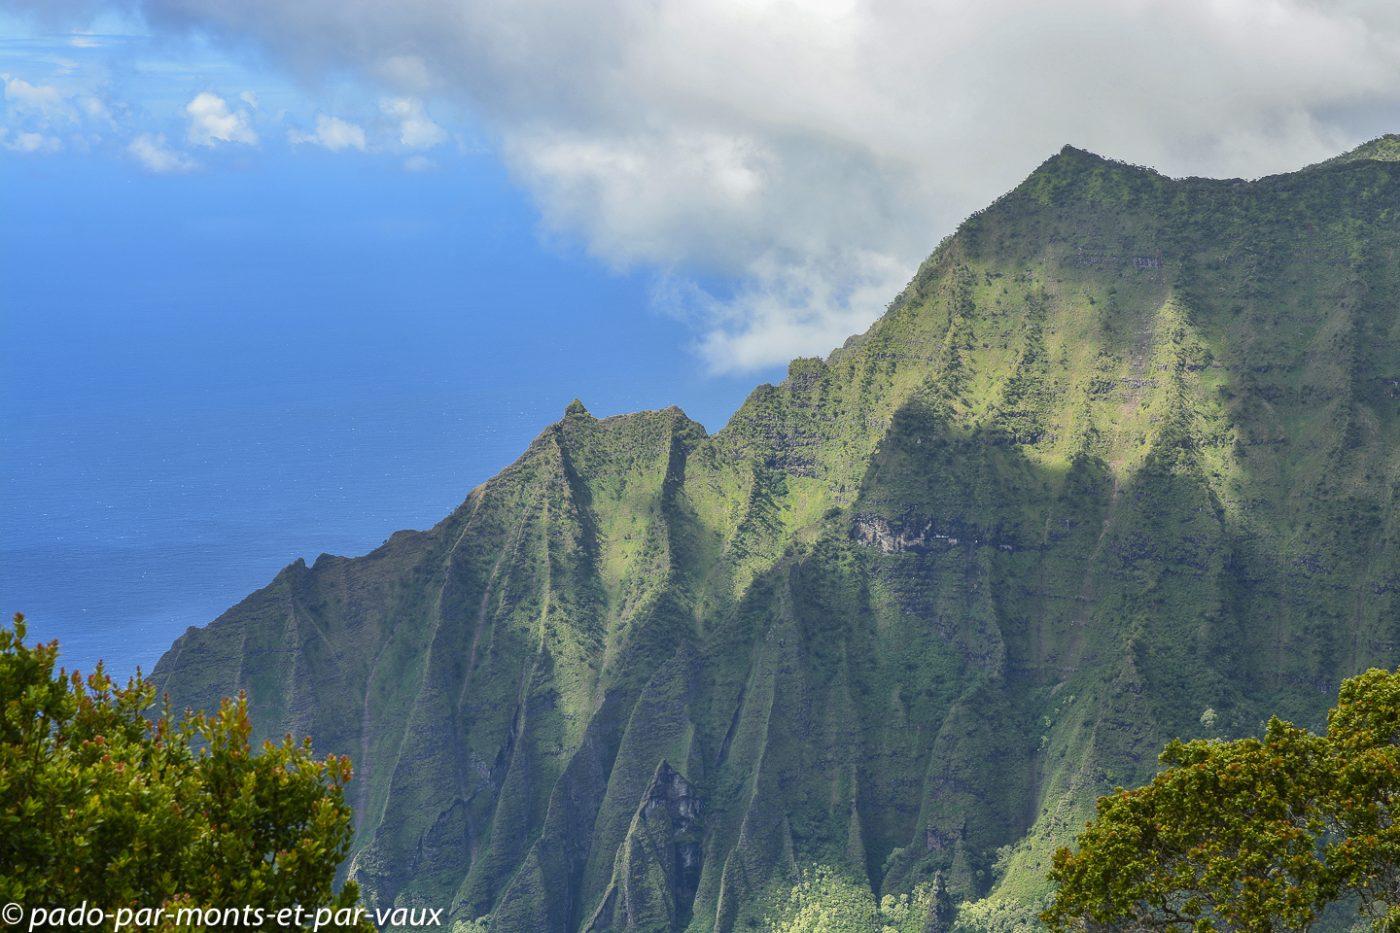 Kauai -  Kokee state park - Kalalau lookout